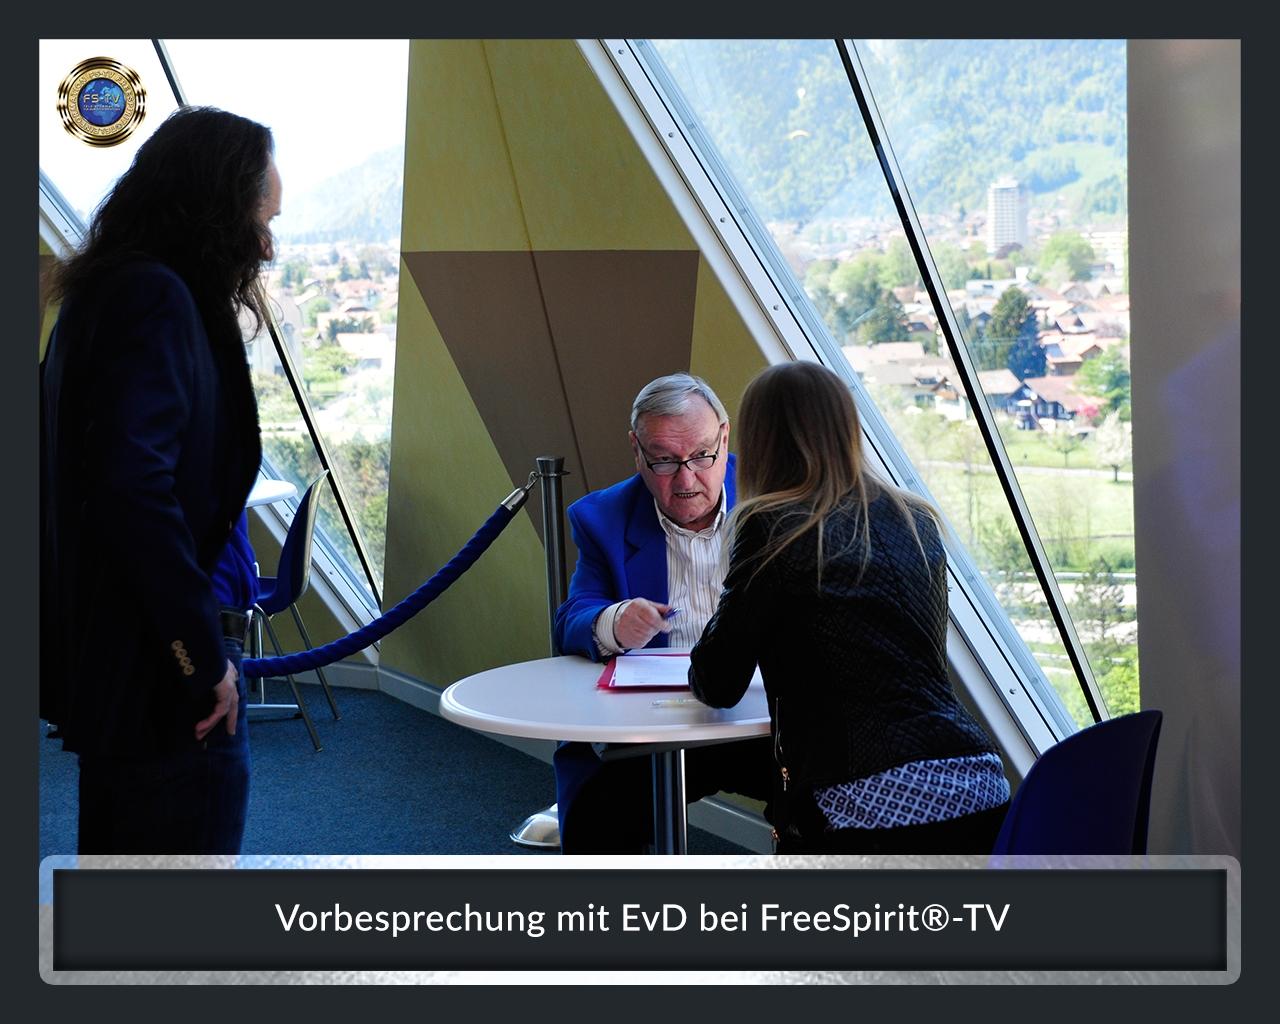 FS-TV-Bildergallerie-Vorbesprechung EvD